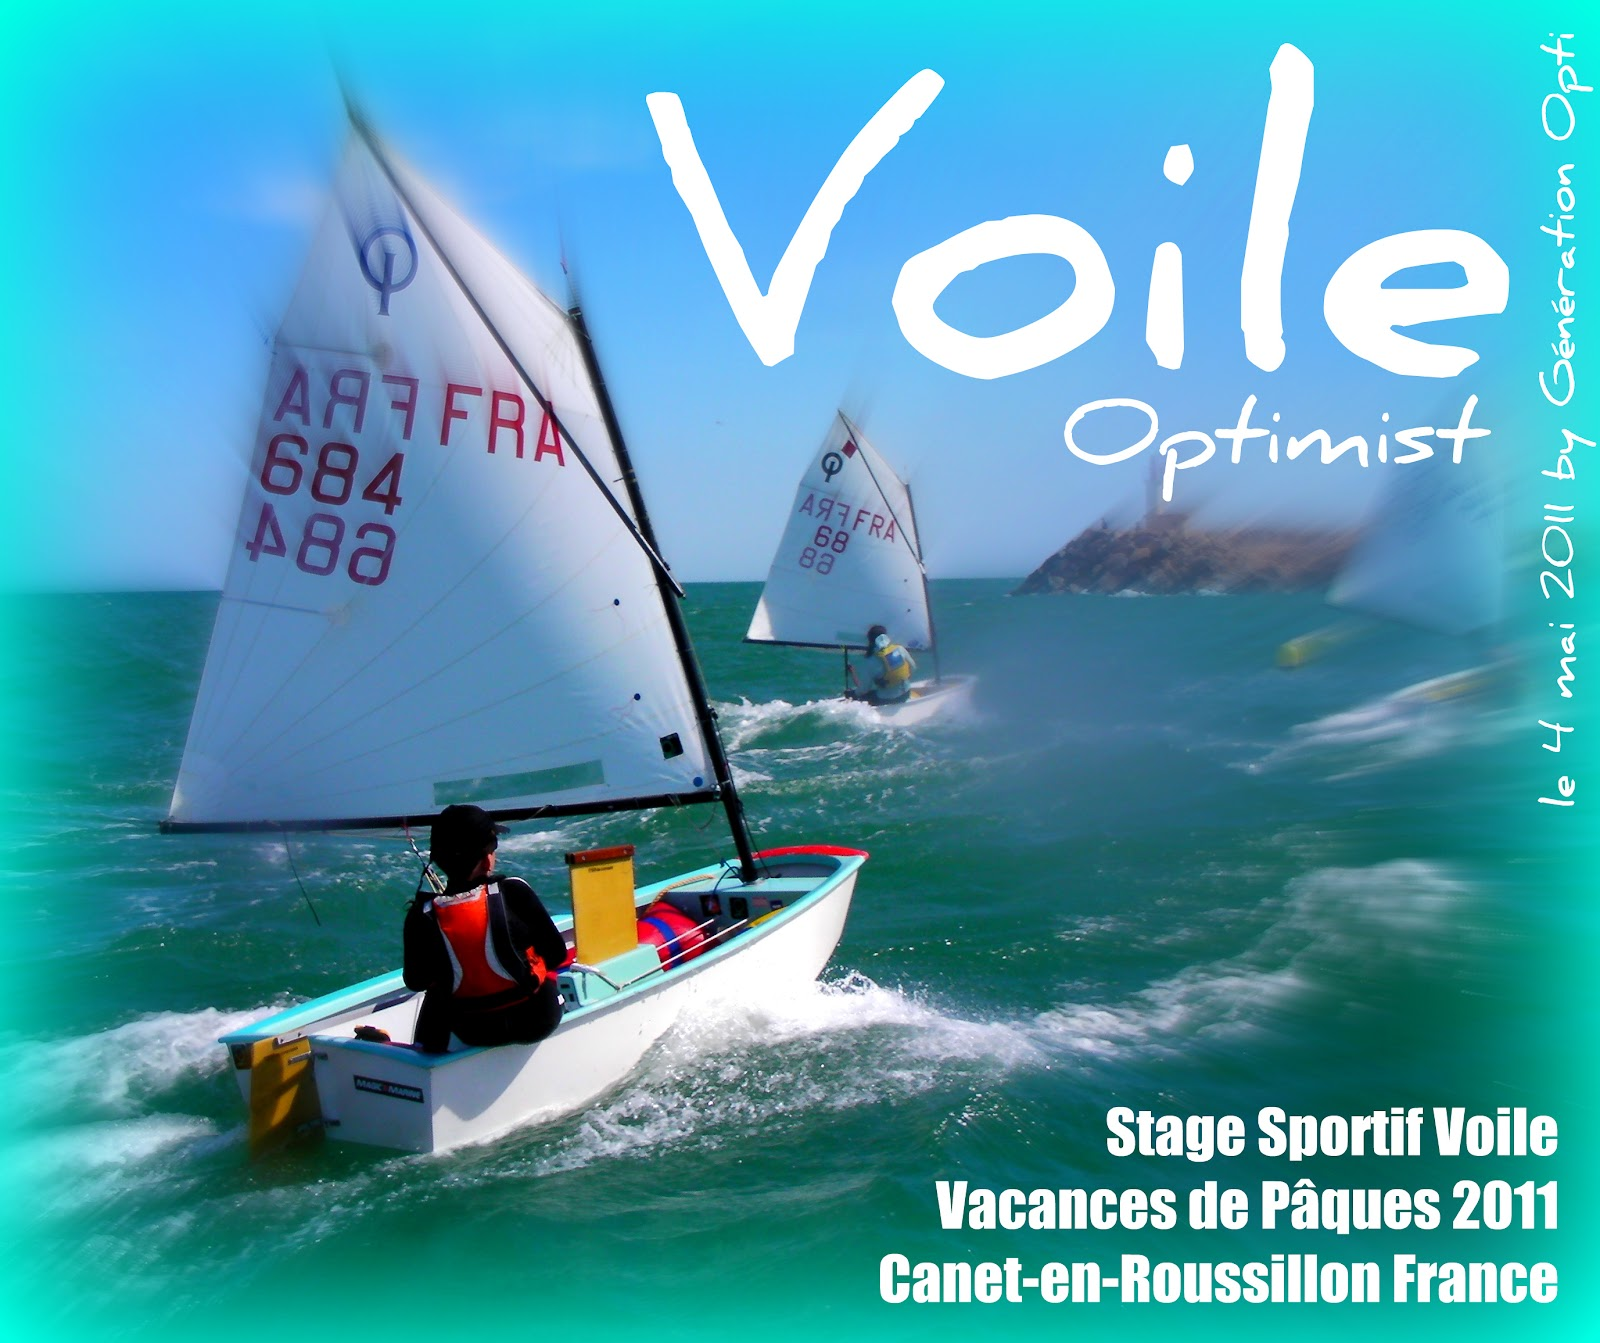 Stage voile canet-en-Roussillon génération-opti